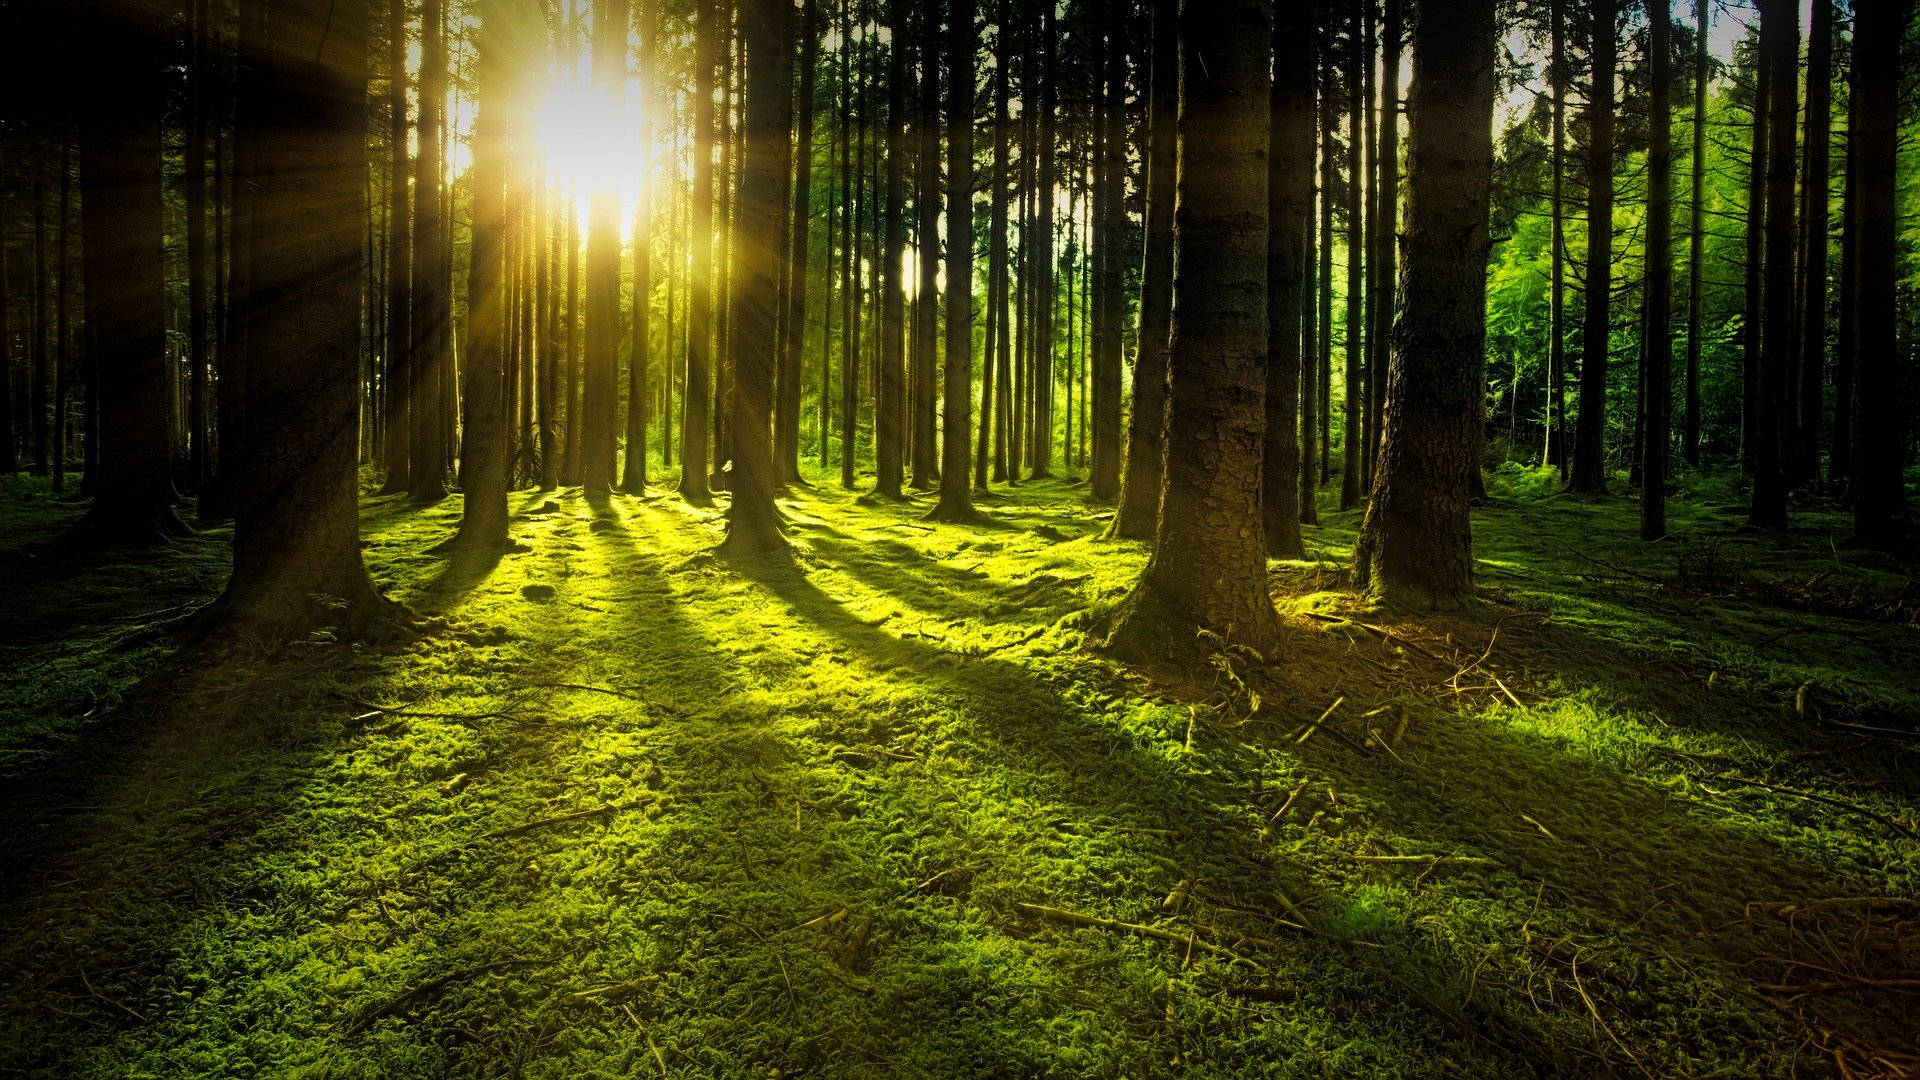 trees-3294681_1920 (1)